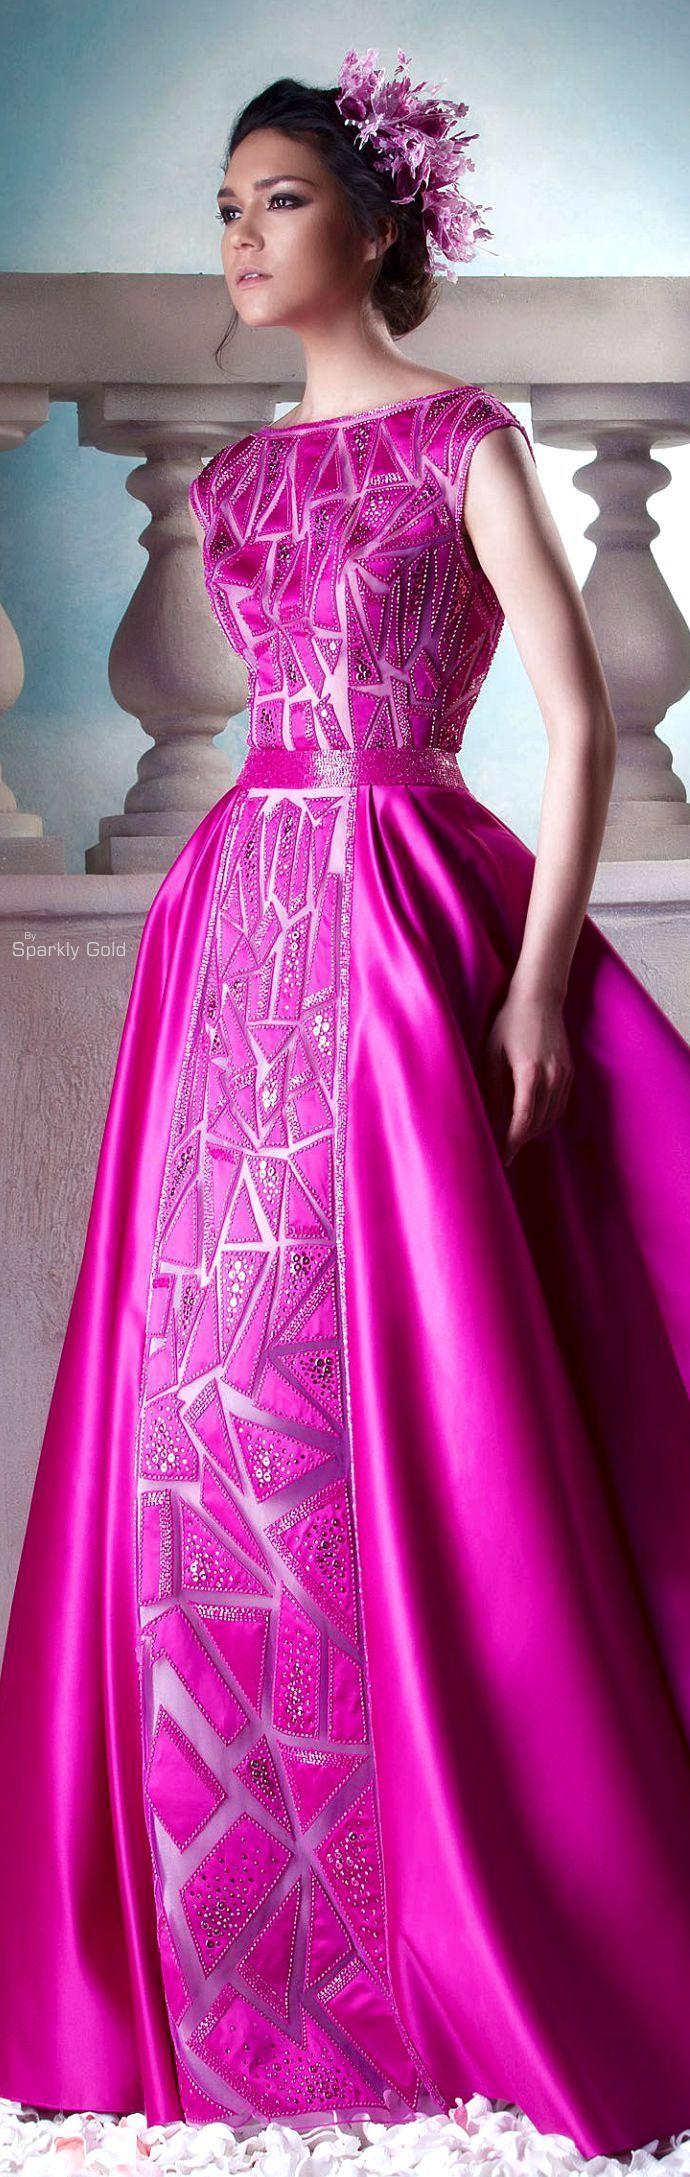 Vistoso Marina Vestidos De Dama De Honor Menor Imágenes - Ideas de ...